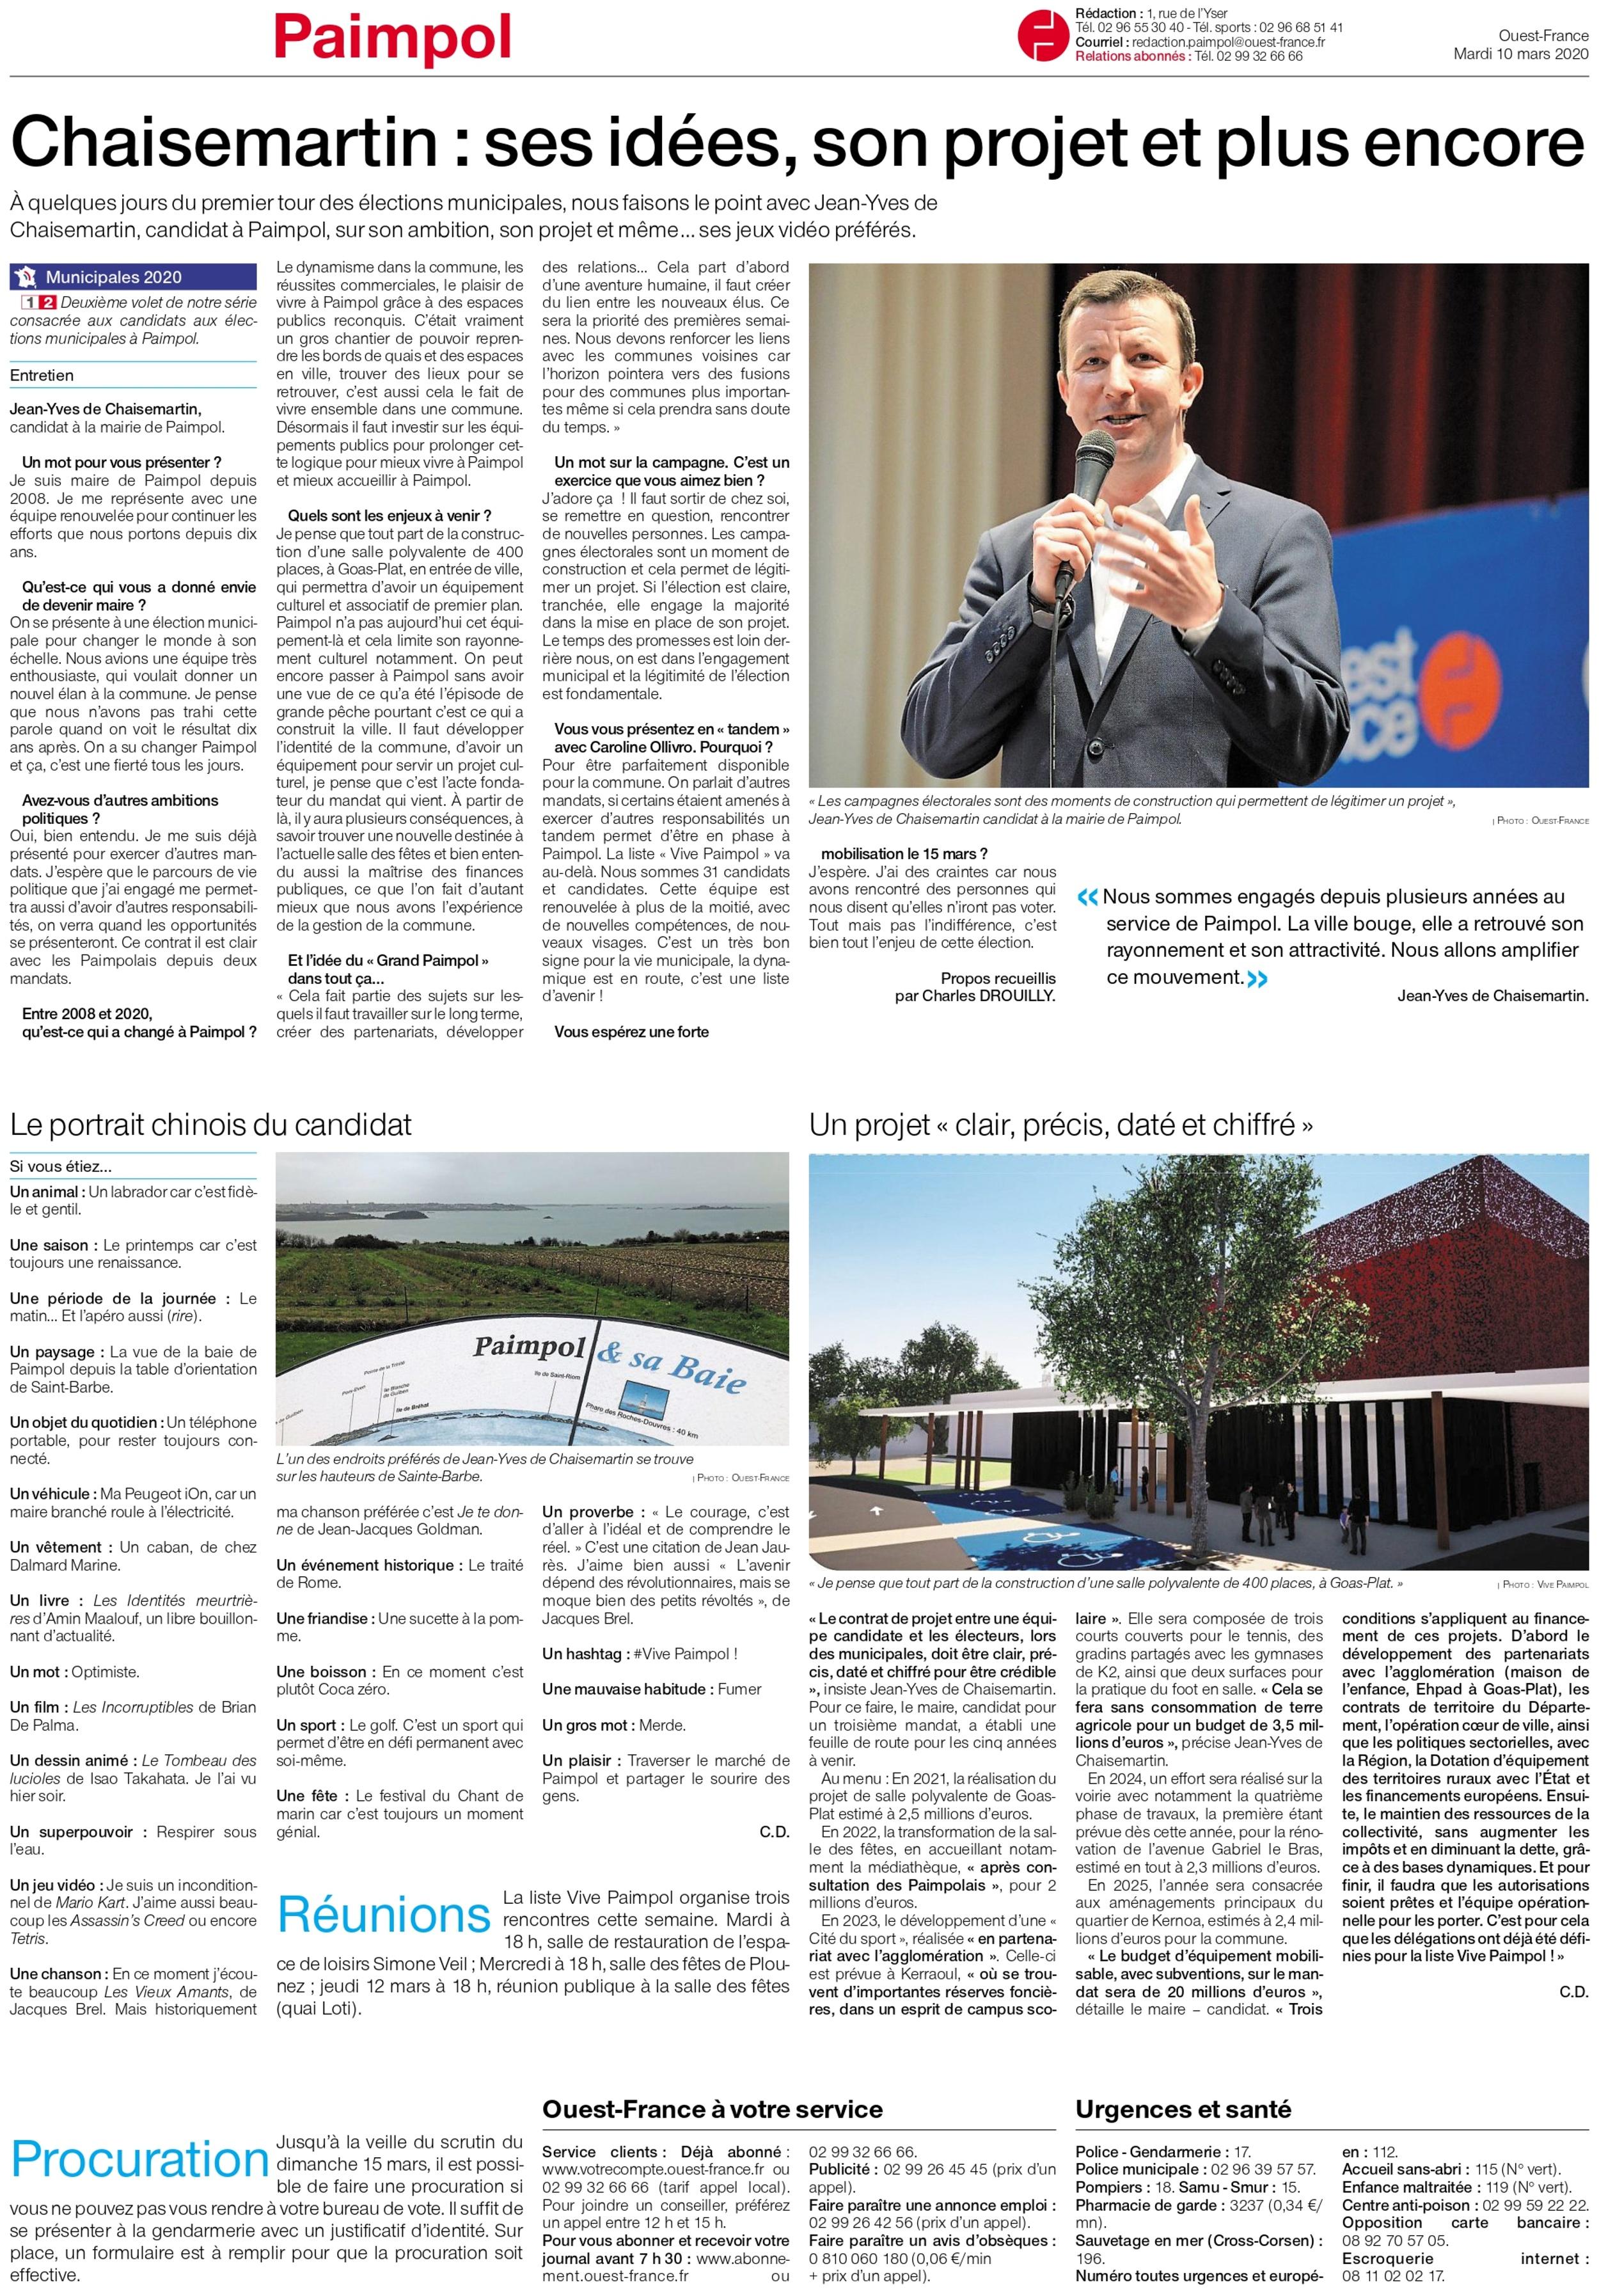 Chaisemartin : ses idées, son projet et plus encore